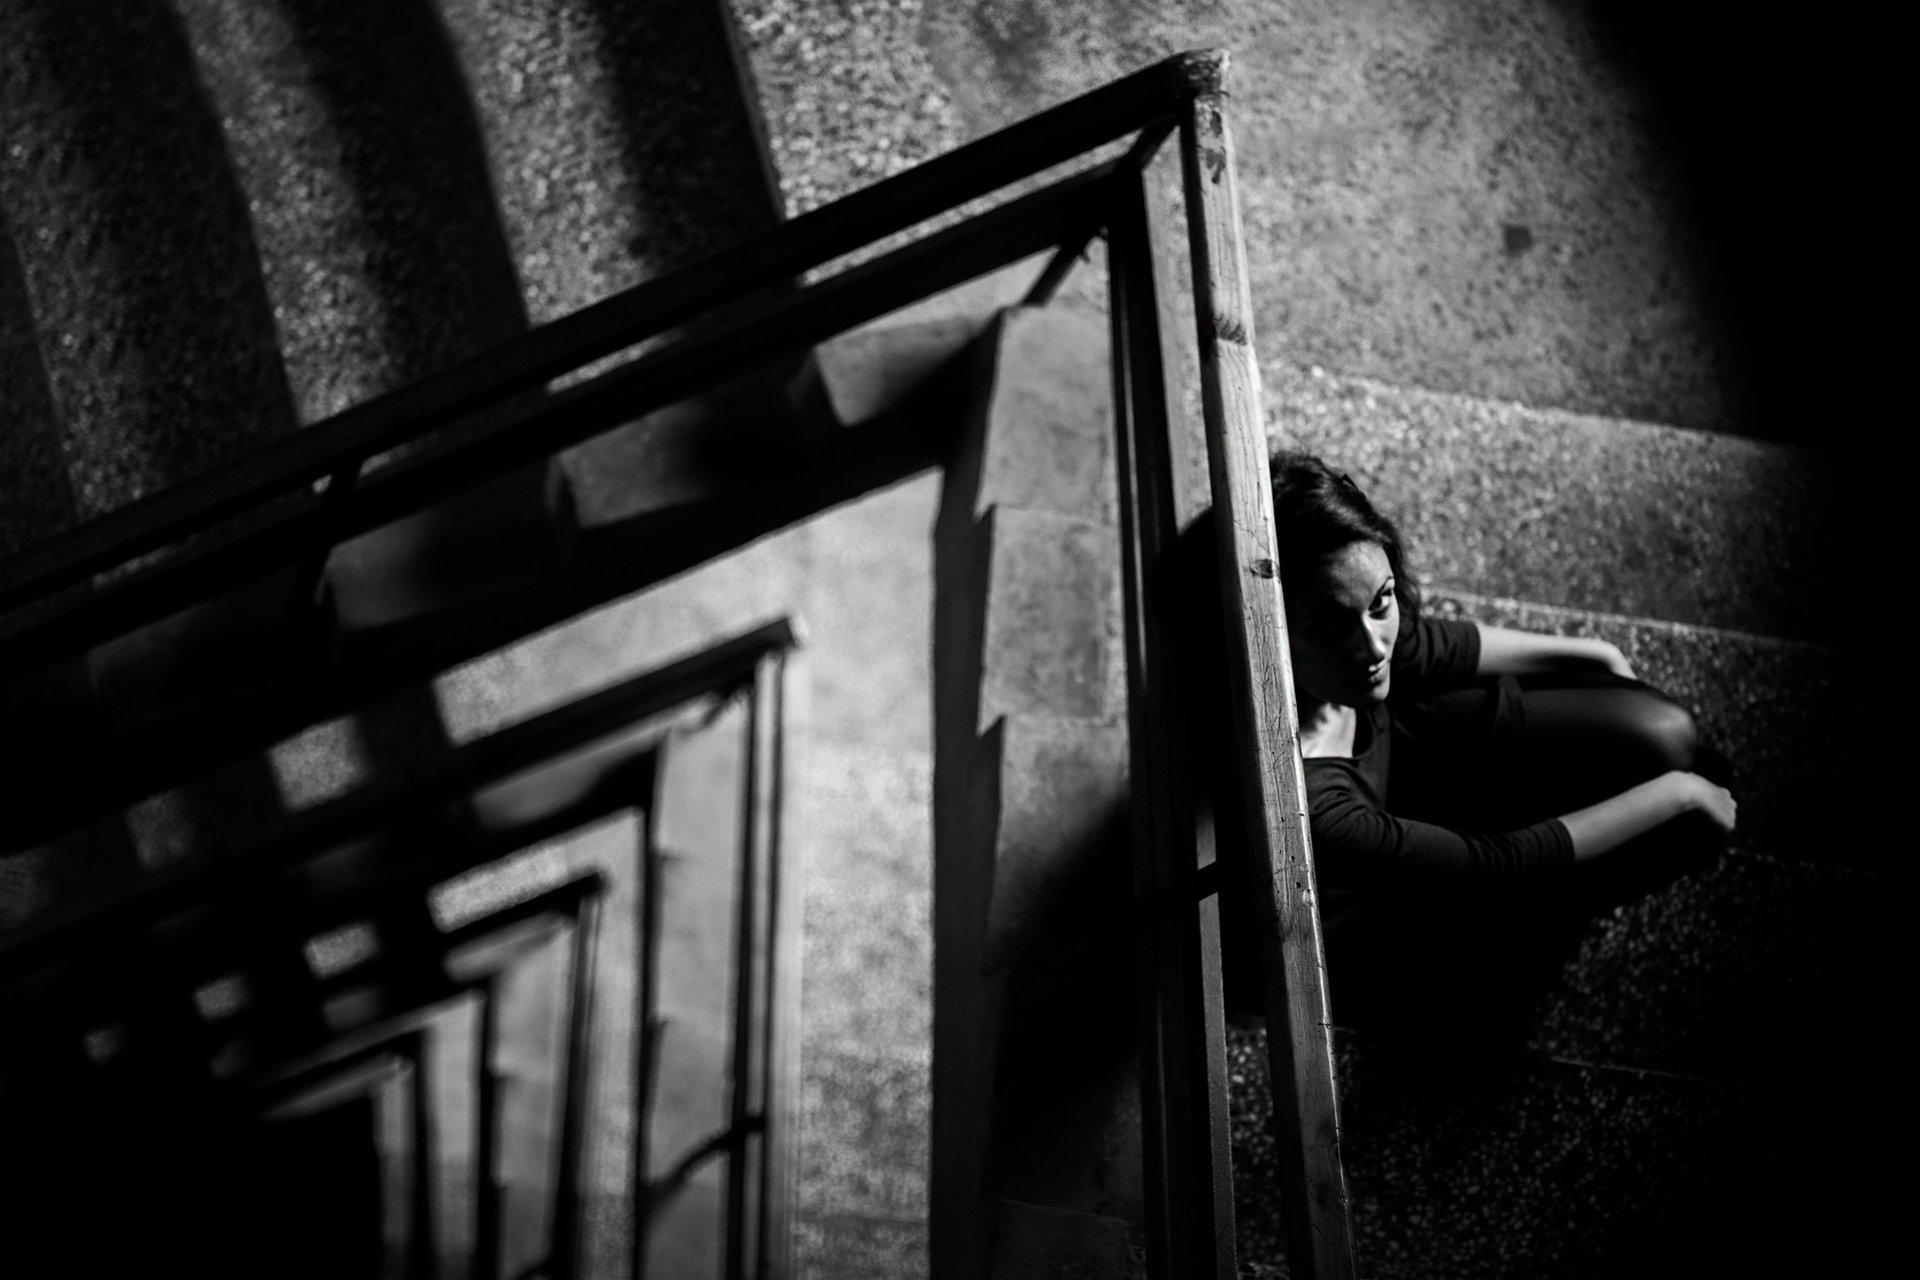 Ръководство за експлоатация на стълбището | Author Ekaтepuнa Огойcka - MireXa | PHOTO FORUM